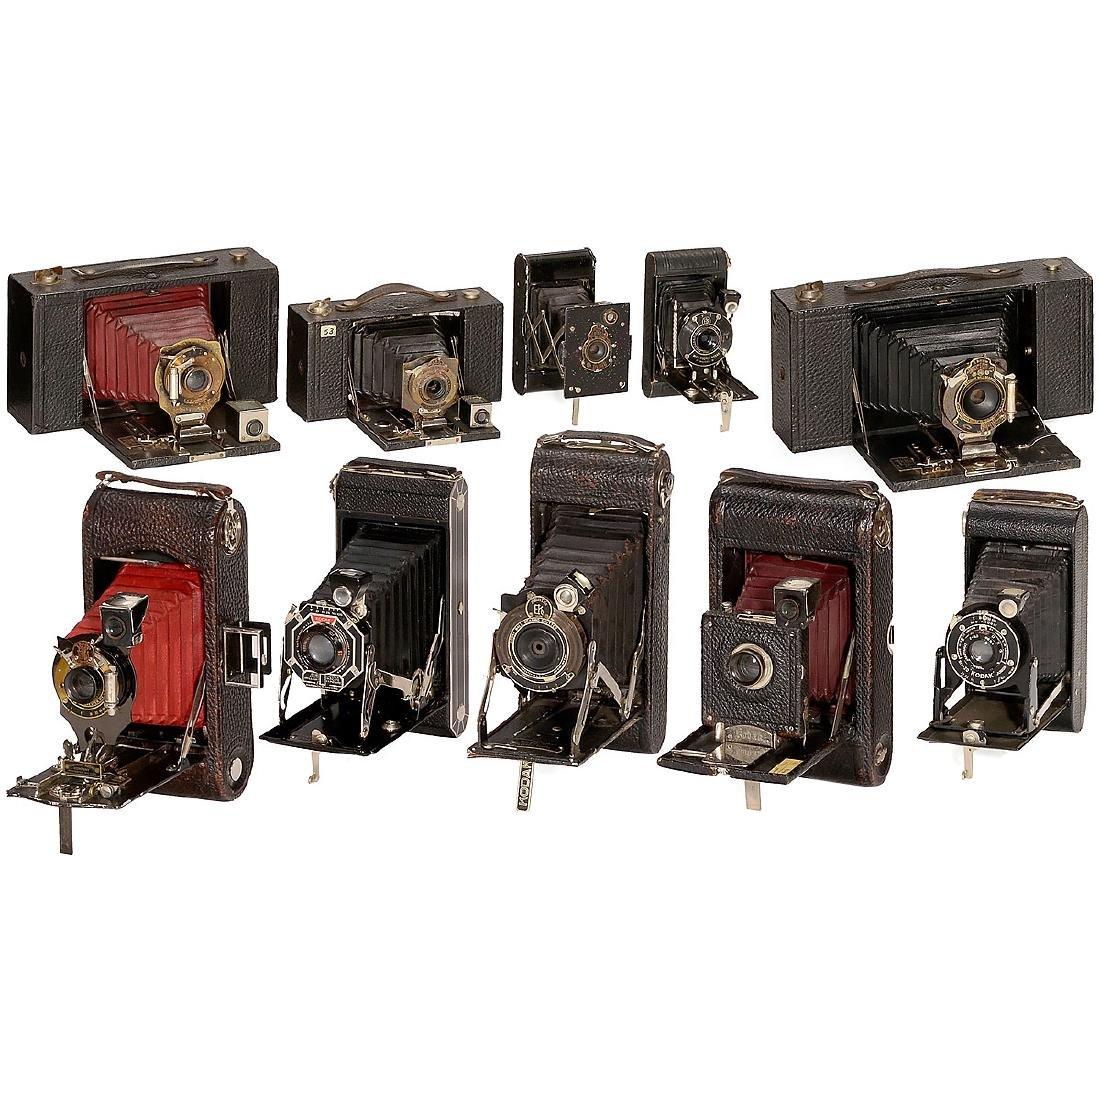 30 Kodak Rollfilm Cameras, 1905 onwards